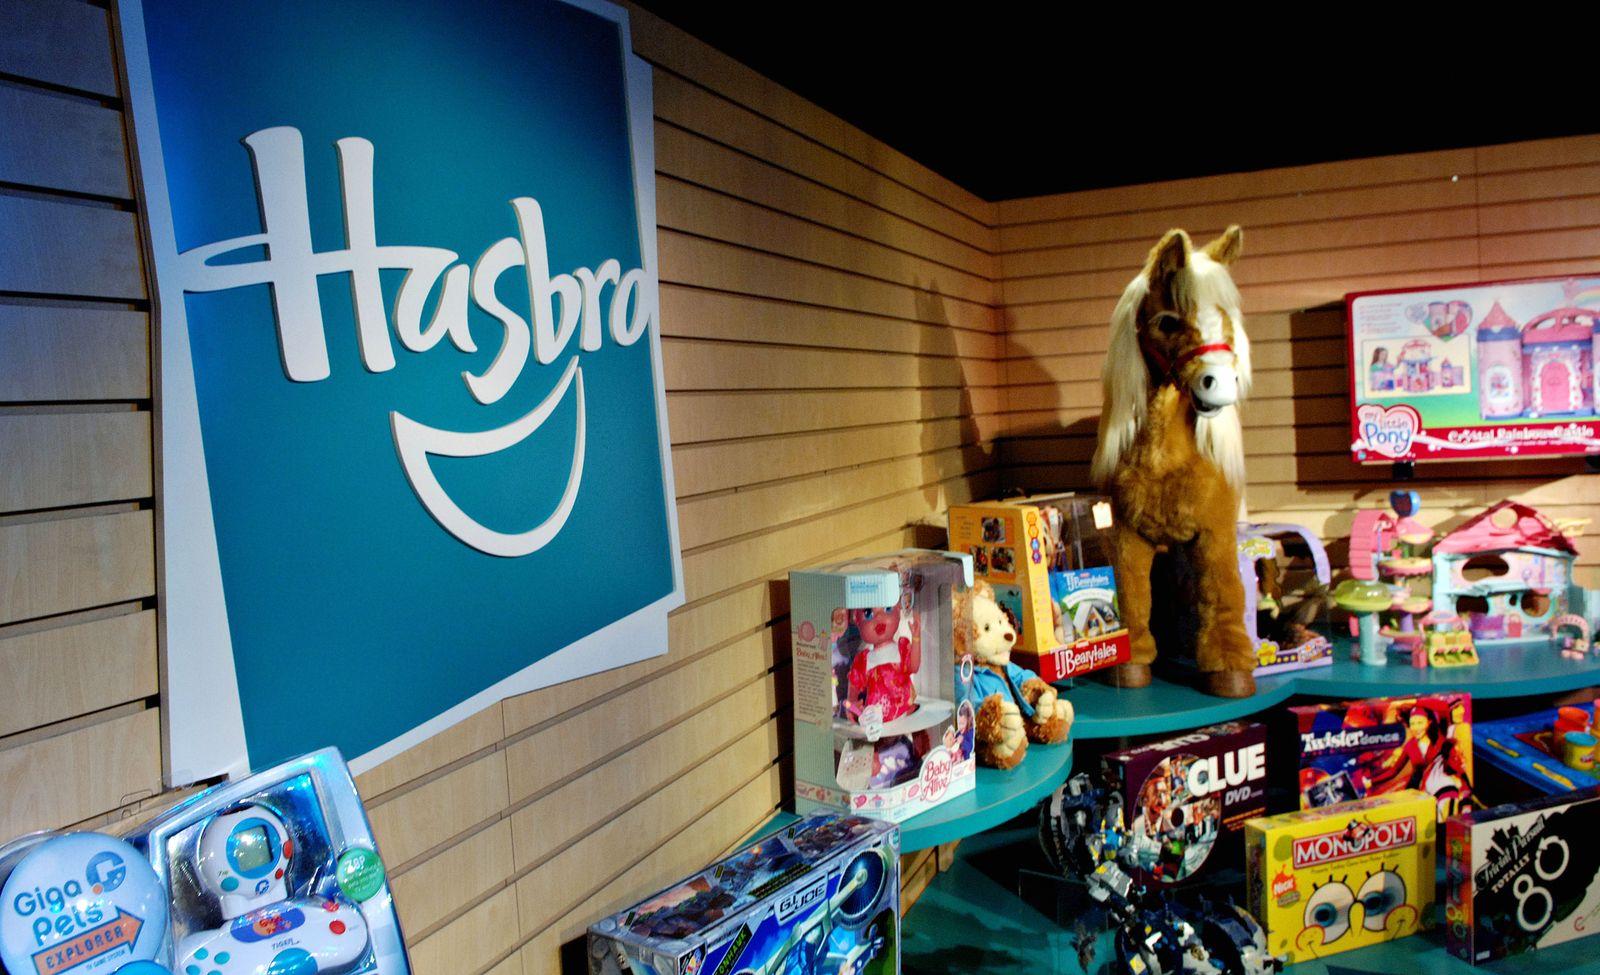 Hasbro'nun Tartışma Yaratan Kristal Elma Ödülü Geri Alındı